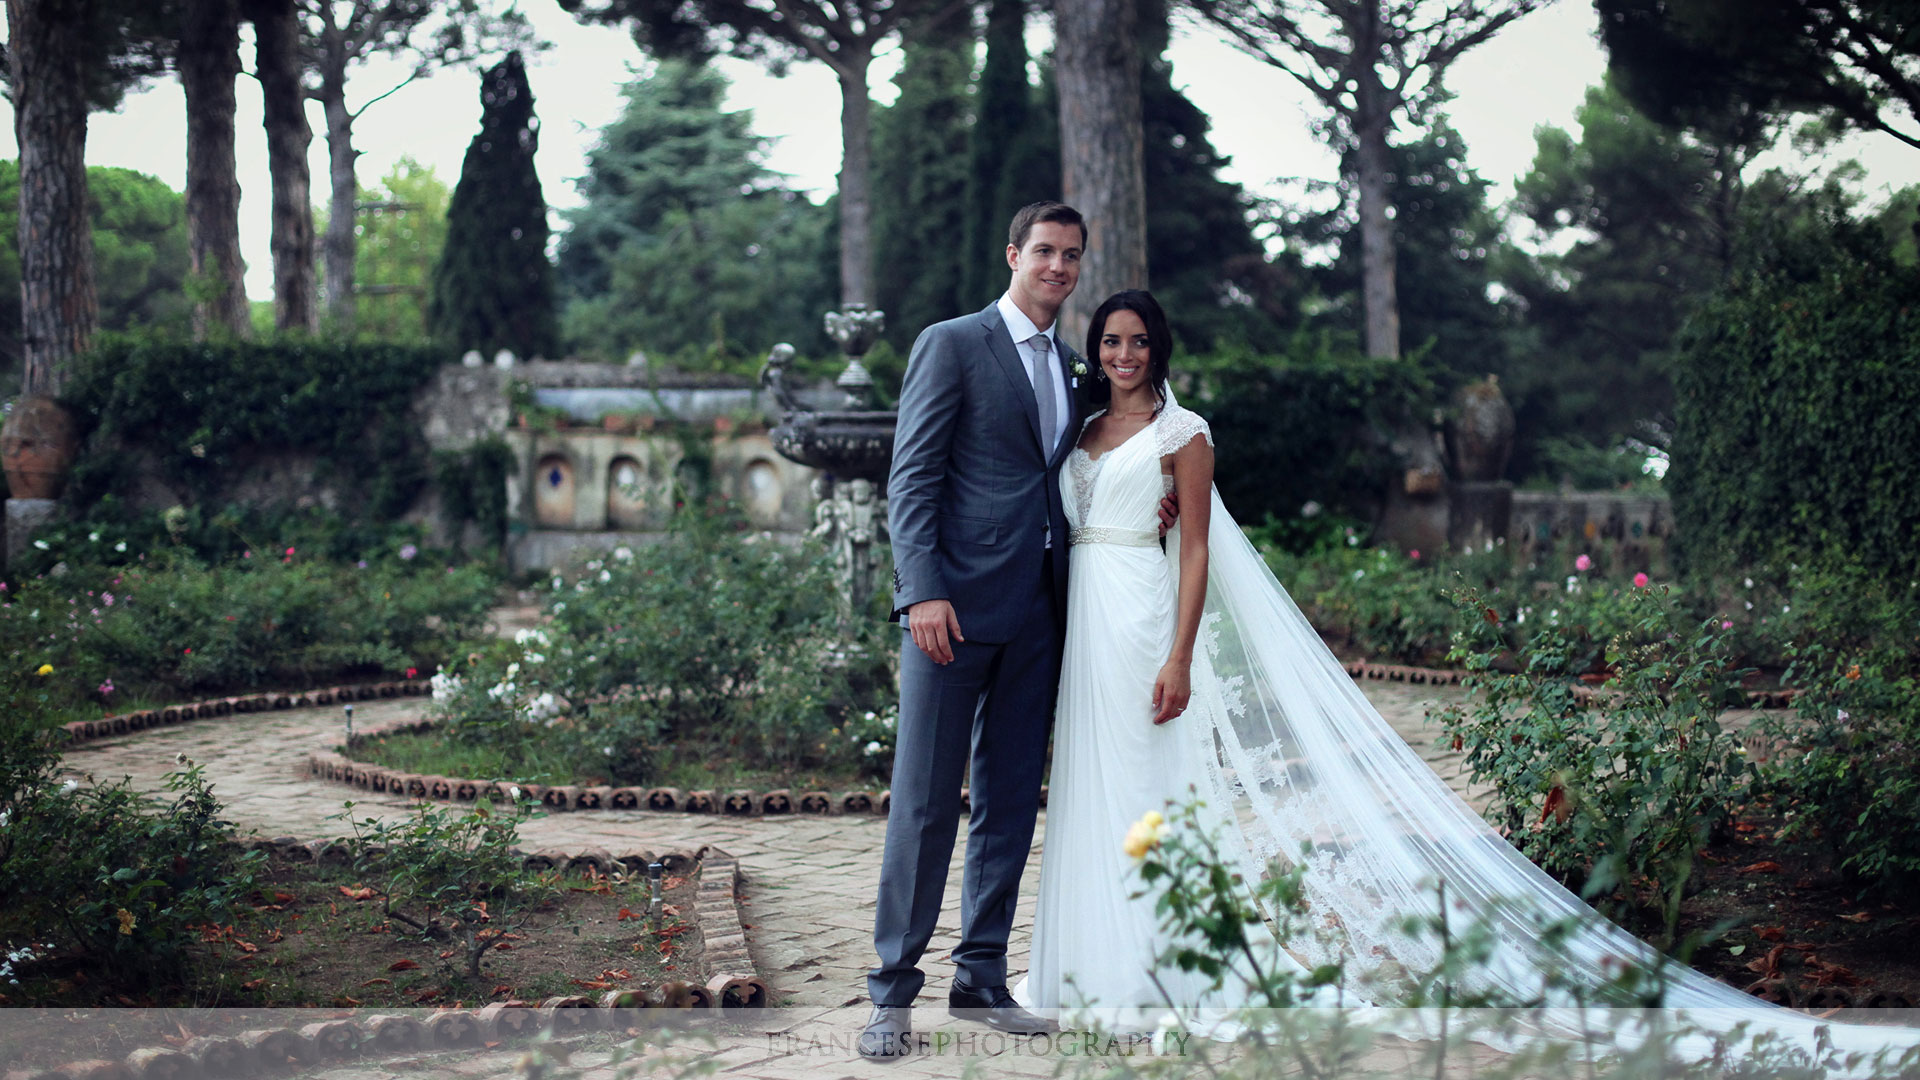 Matrimonio In Villa Cimbrone : Matrimoni dove sposarsi in italia tgtourism